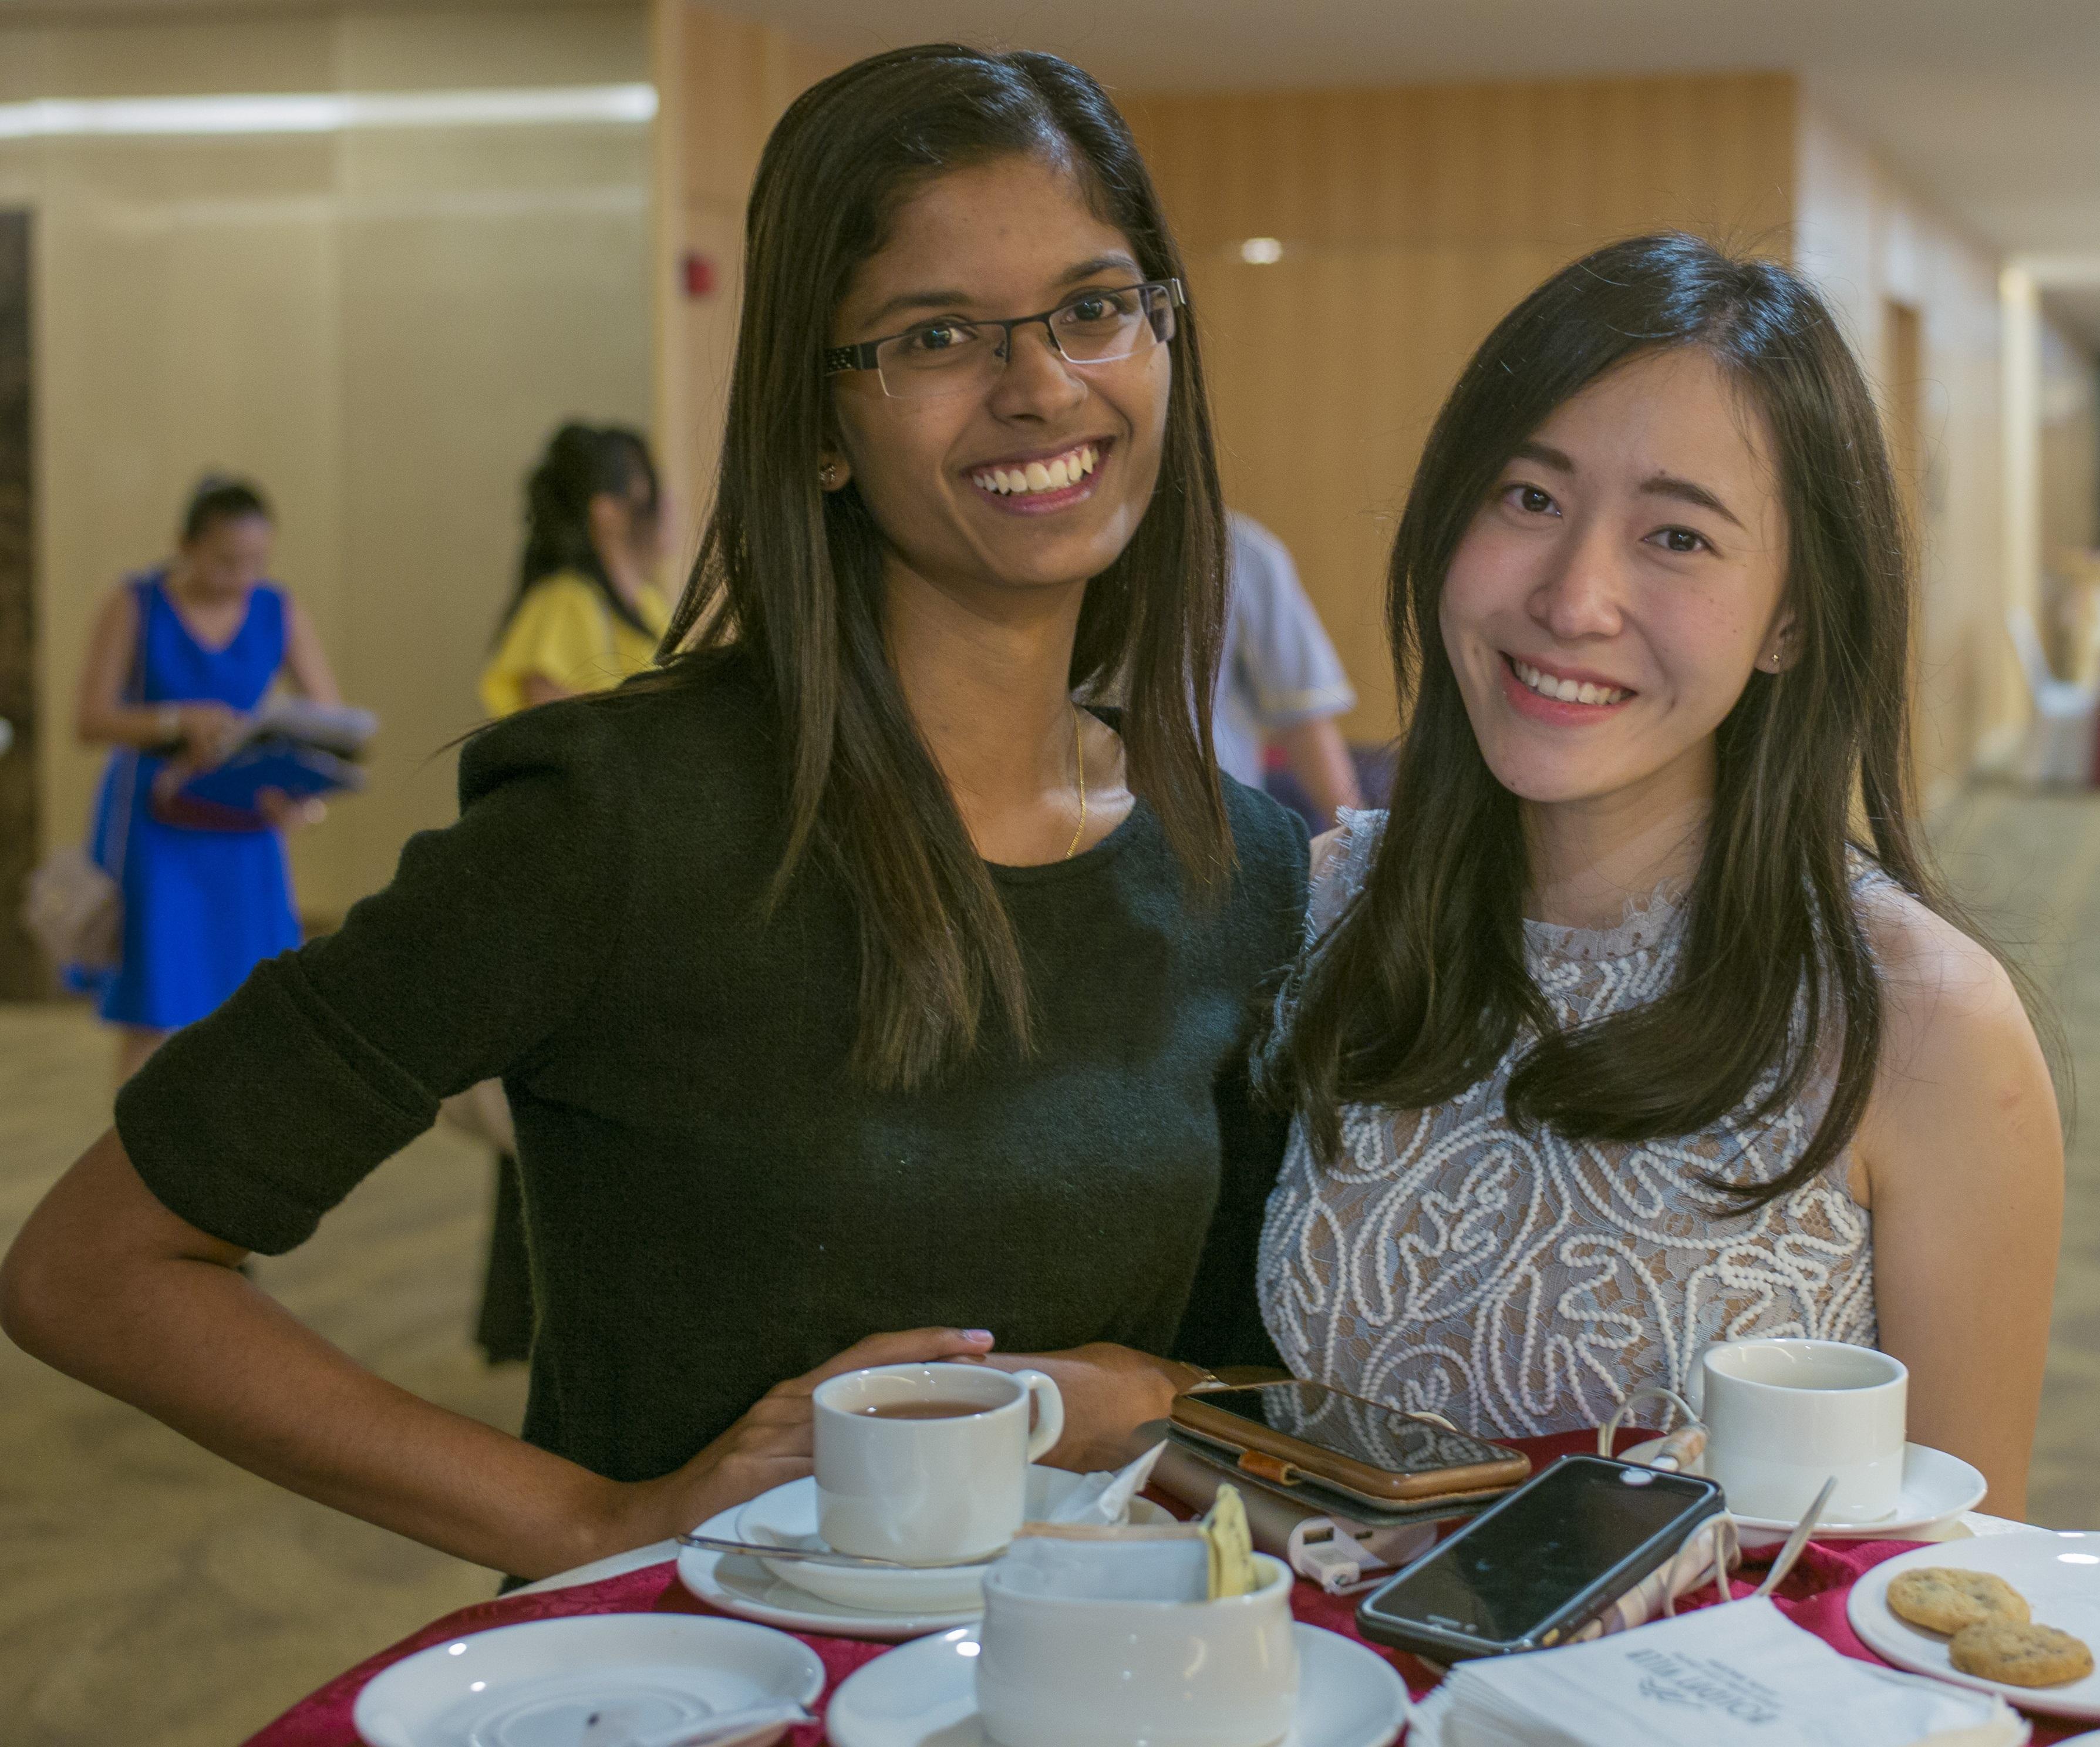 imu-alumni-gathering-in-jb-26nov16_30453354364_o